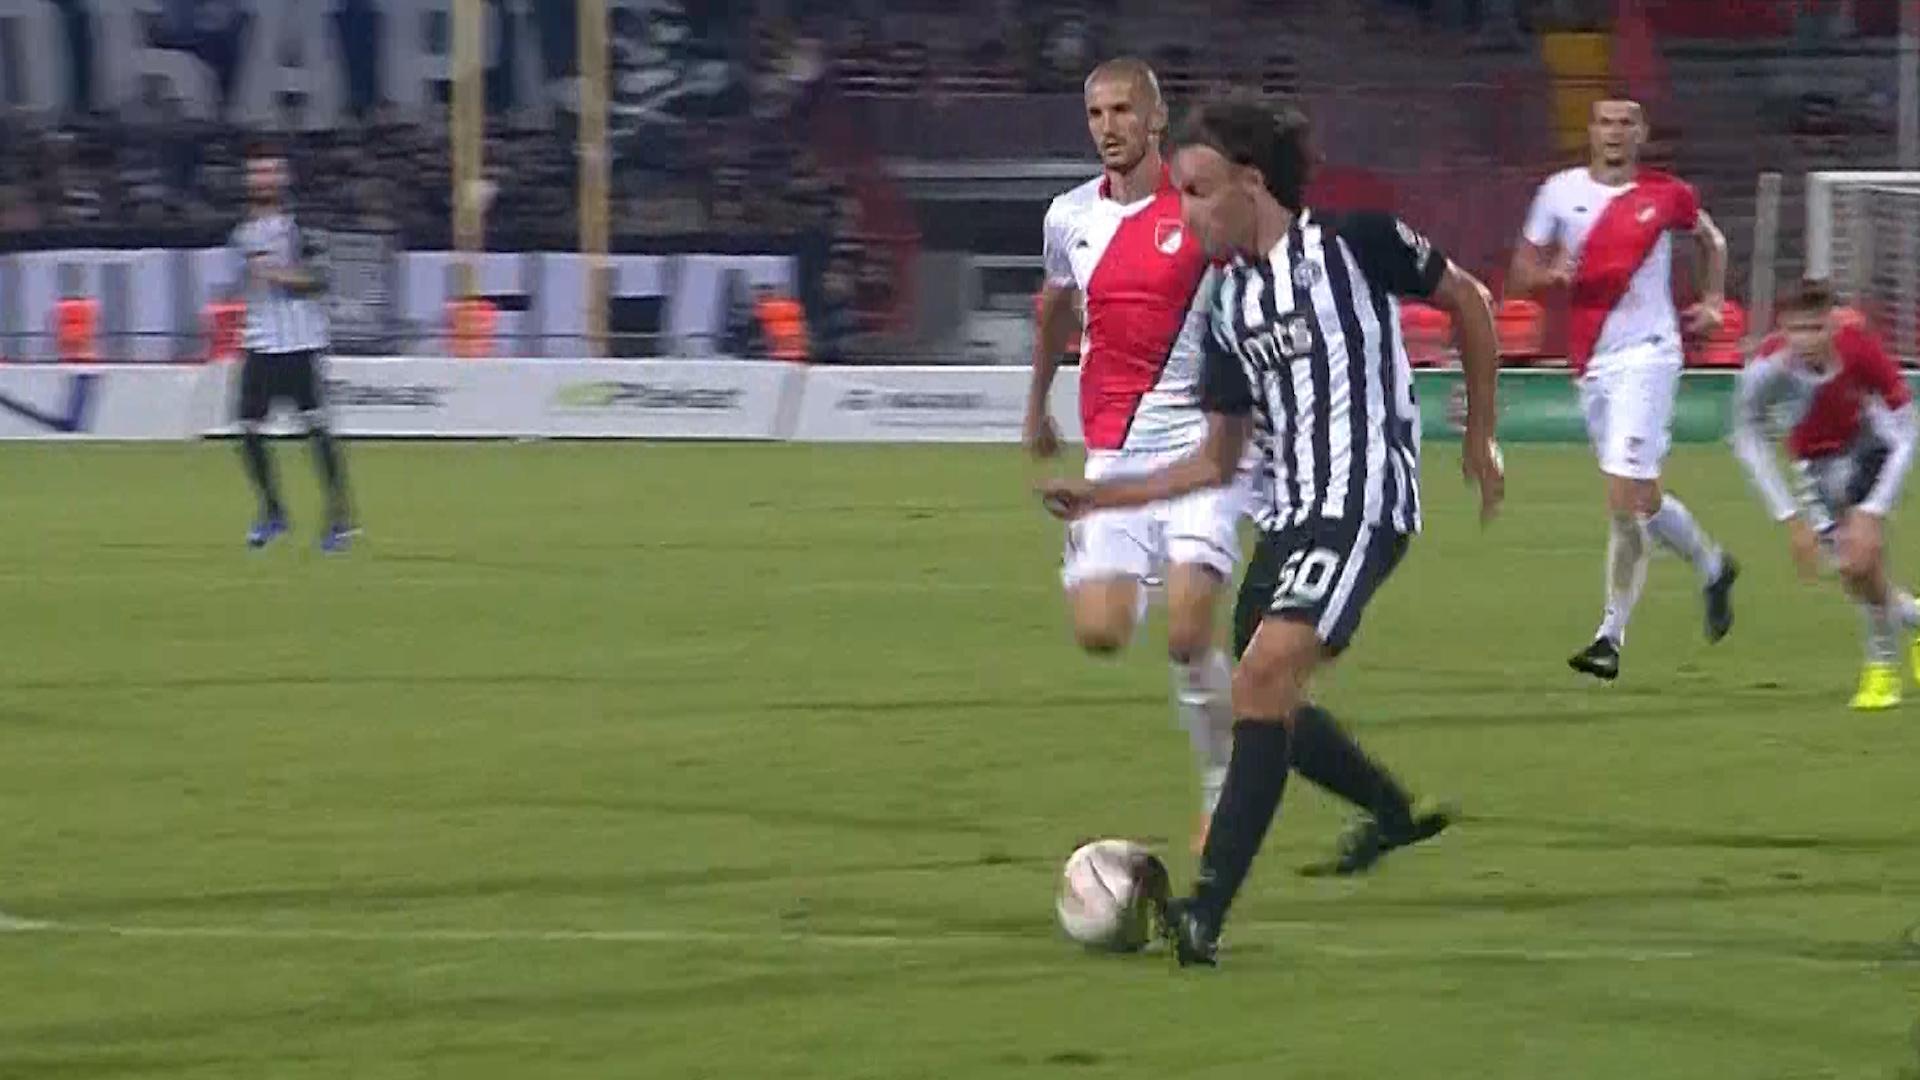 Natho delio magične asistencije, Marković postigao gol na 2. debiju: Partizan siguran u Novom Sadu!